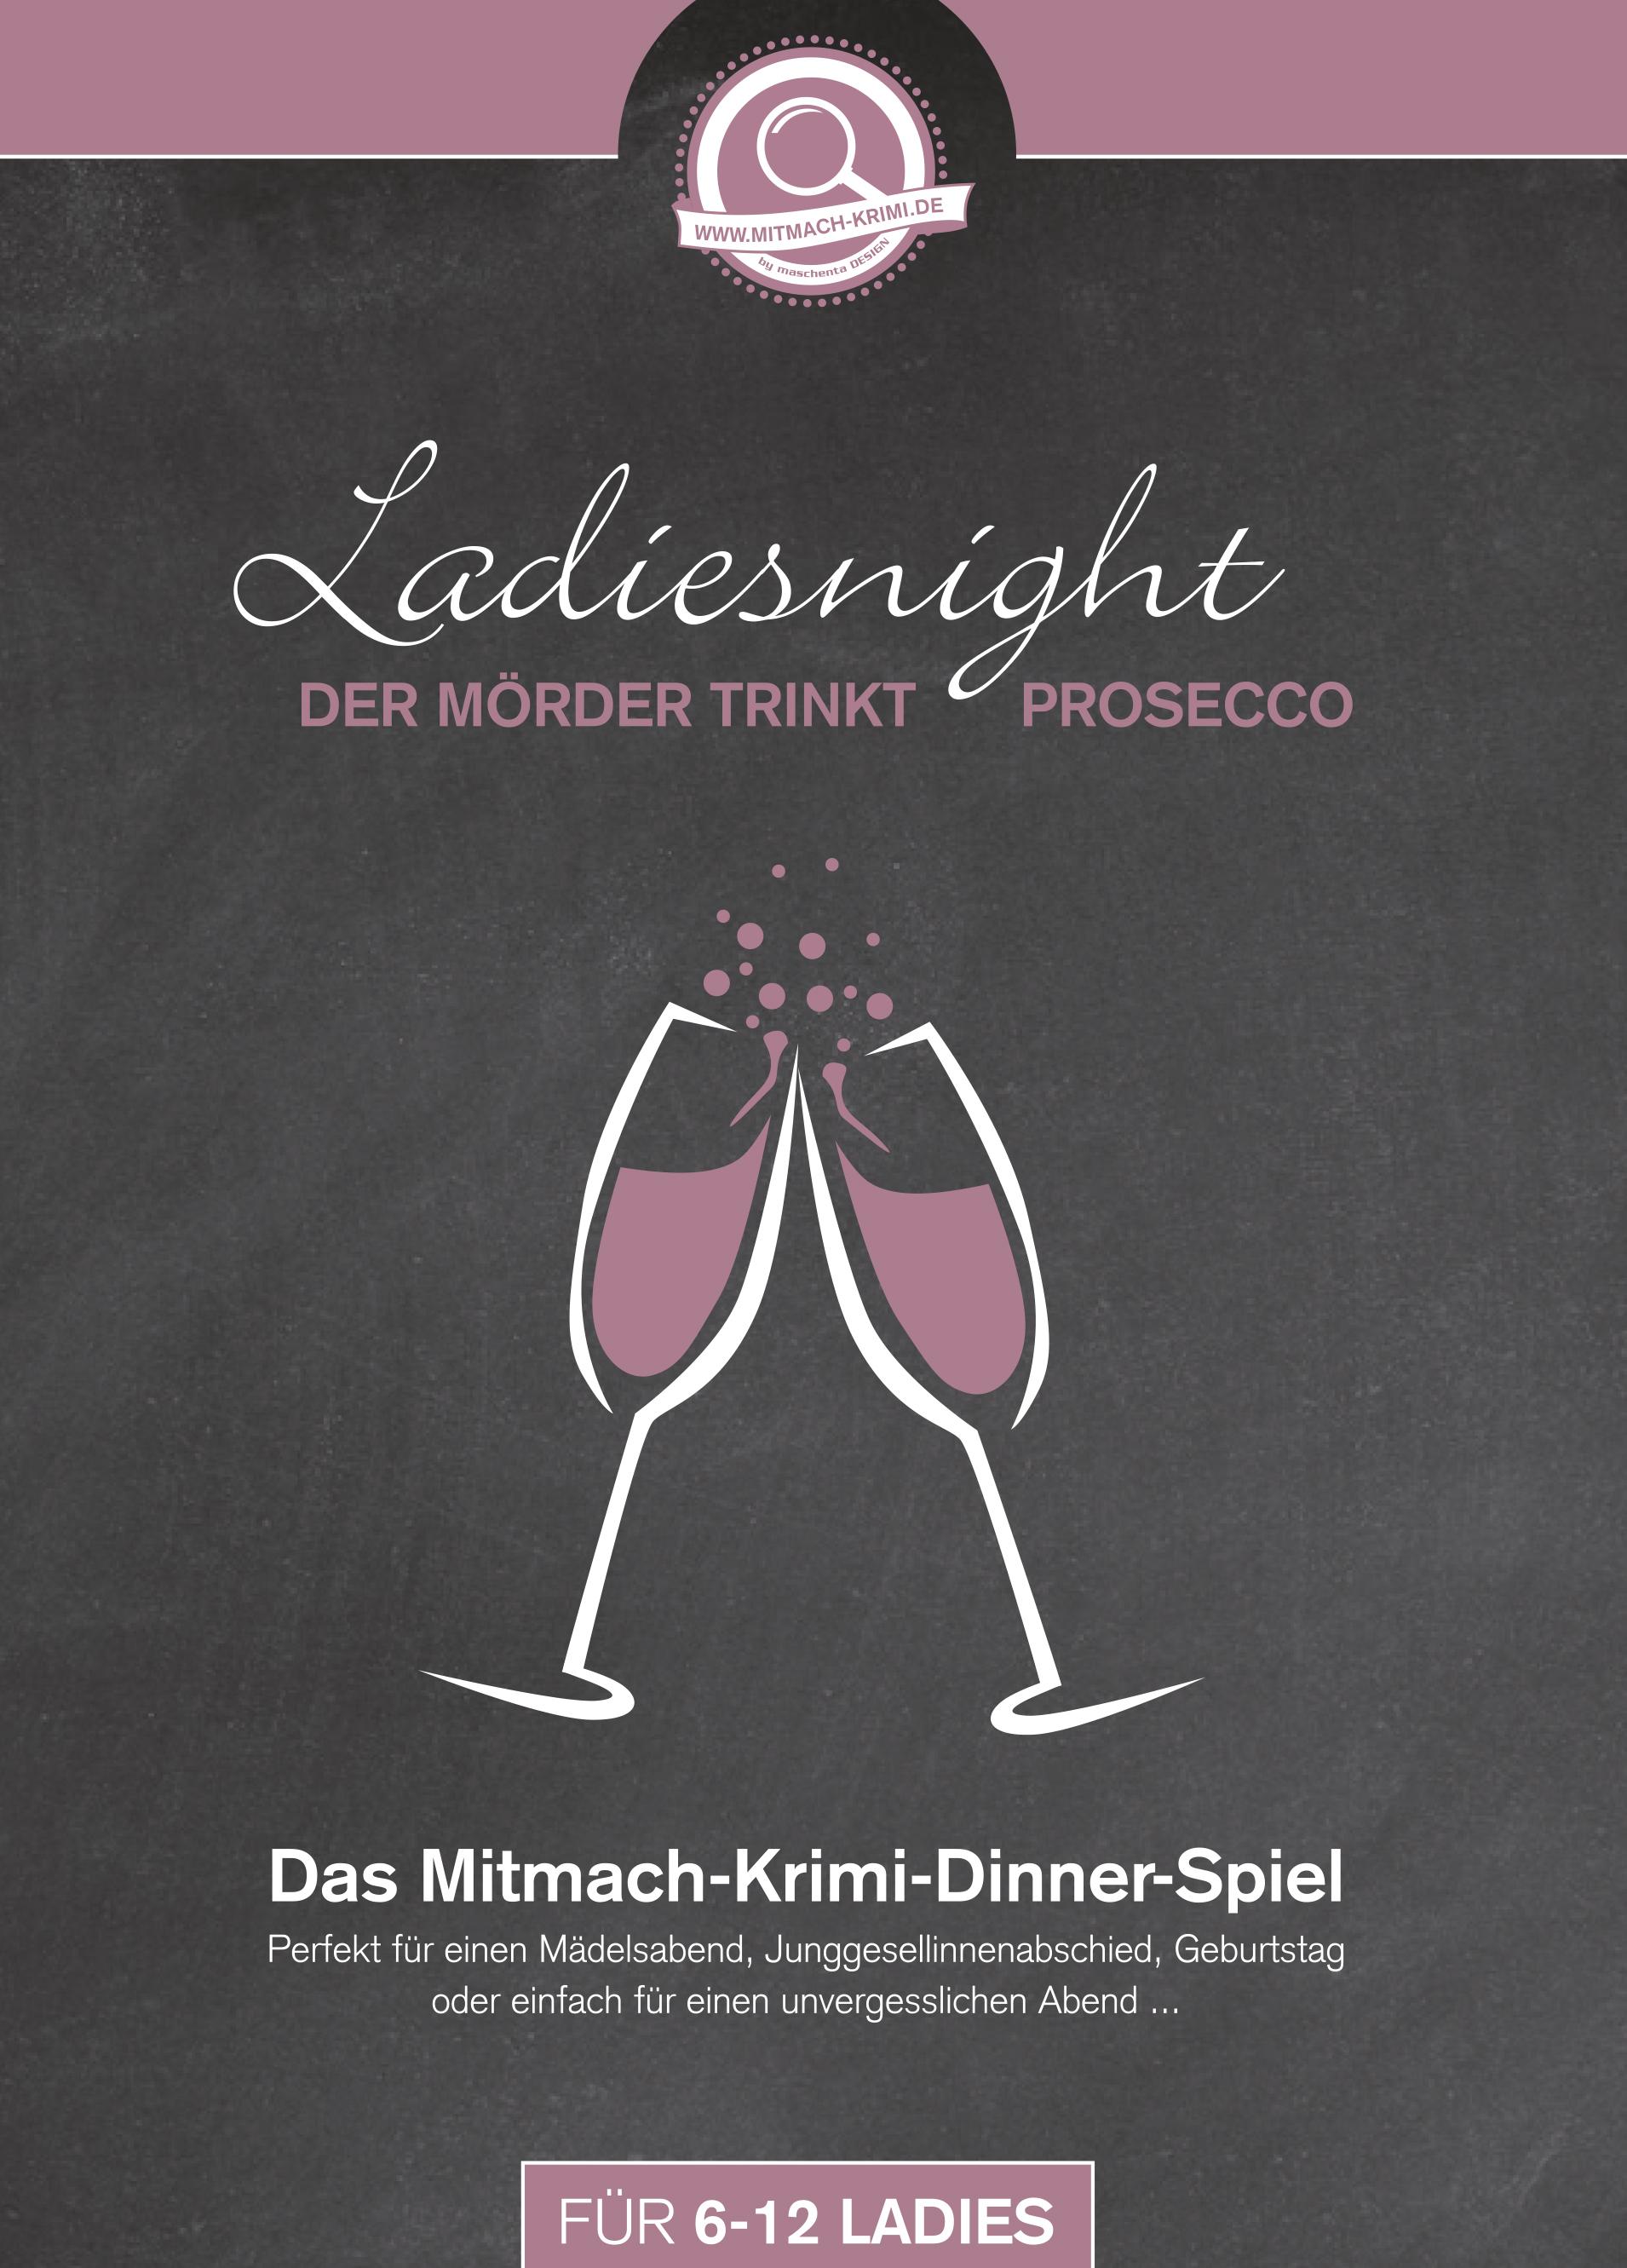 Krimi-Dinner Spiel für zu Hause. Ladiesnight – Der Mörder trinkt Prosecco // auch ONLINE möglich!